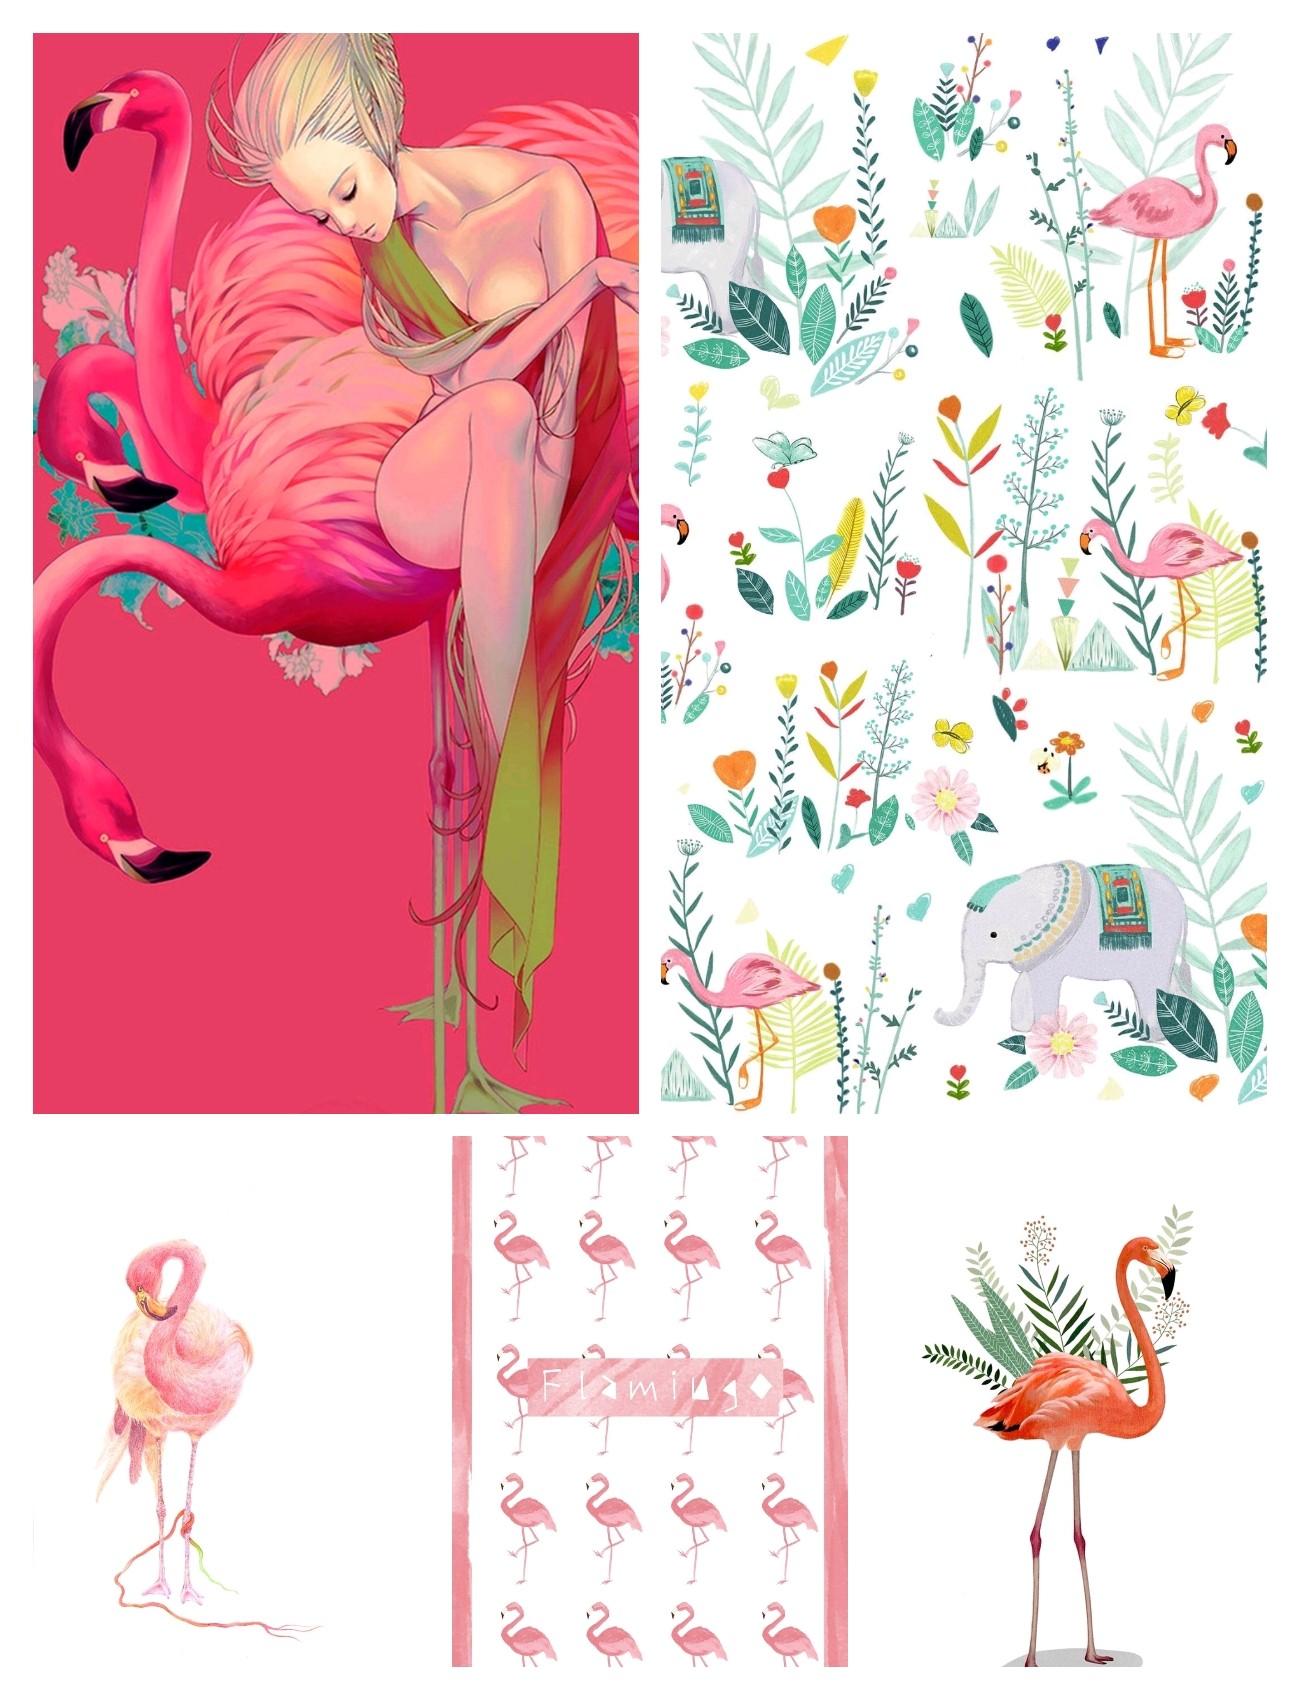 《v粉主题素材壁纸》手绘火烈鸟插画